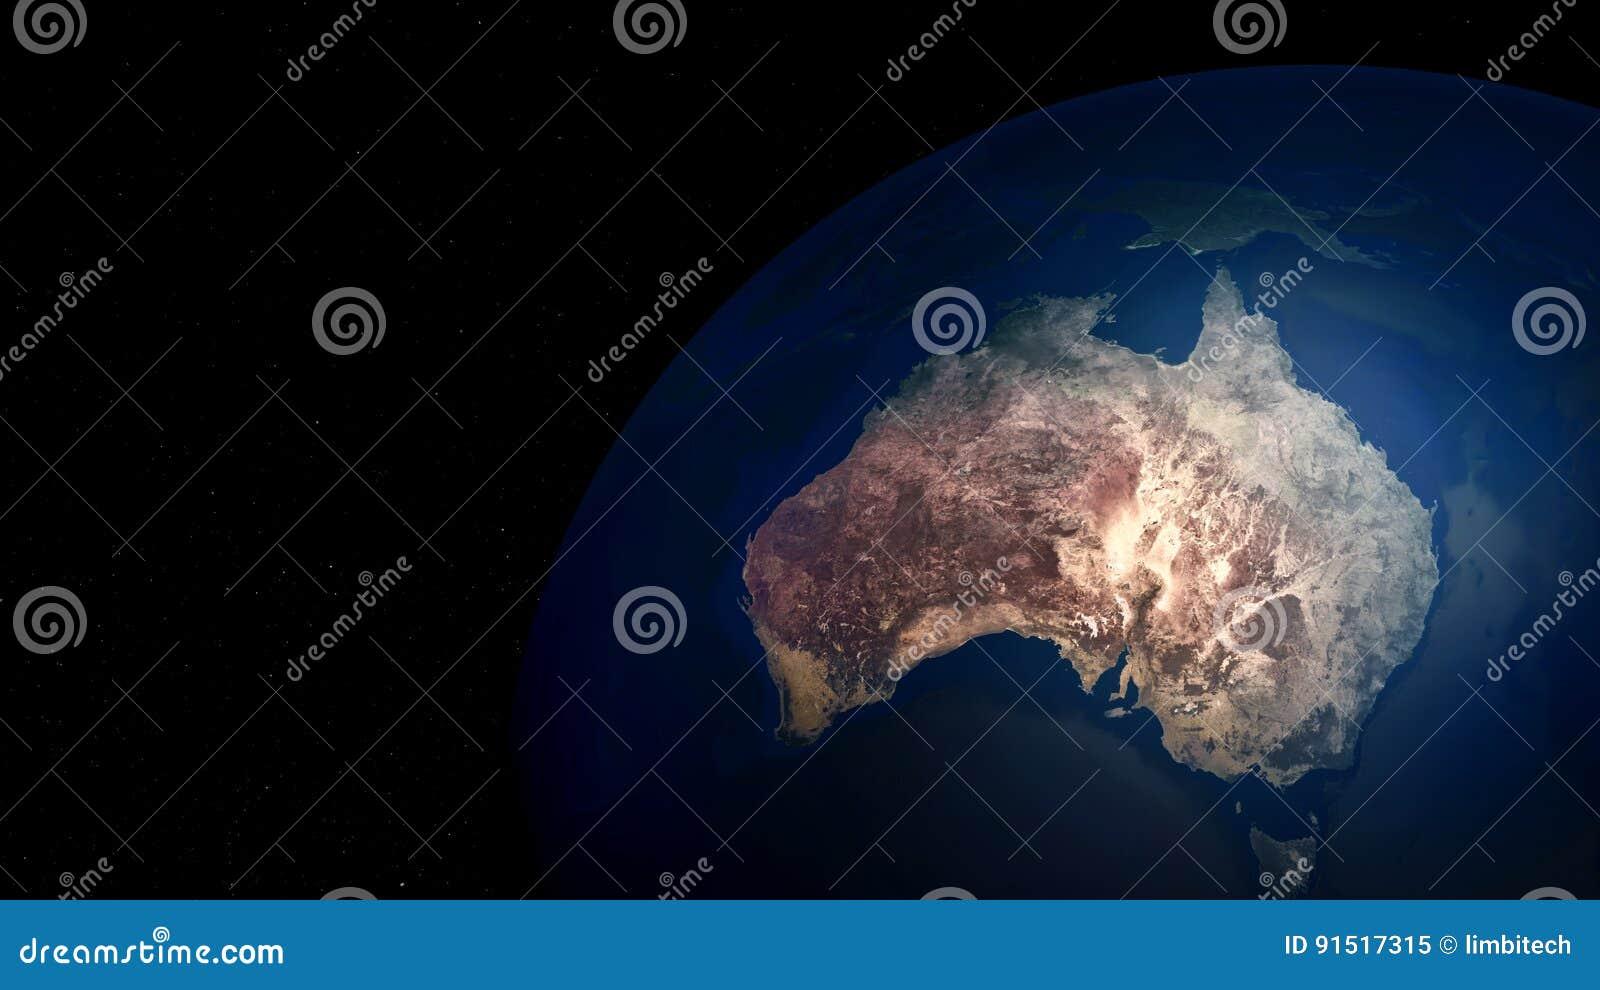 Extrem ausführliche und realistische Illustration der hohen Auflösung 3D von Australien Geschossen vom Raum